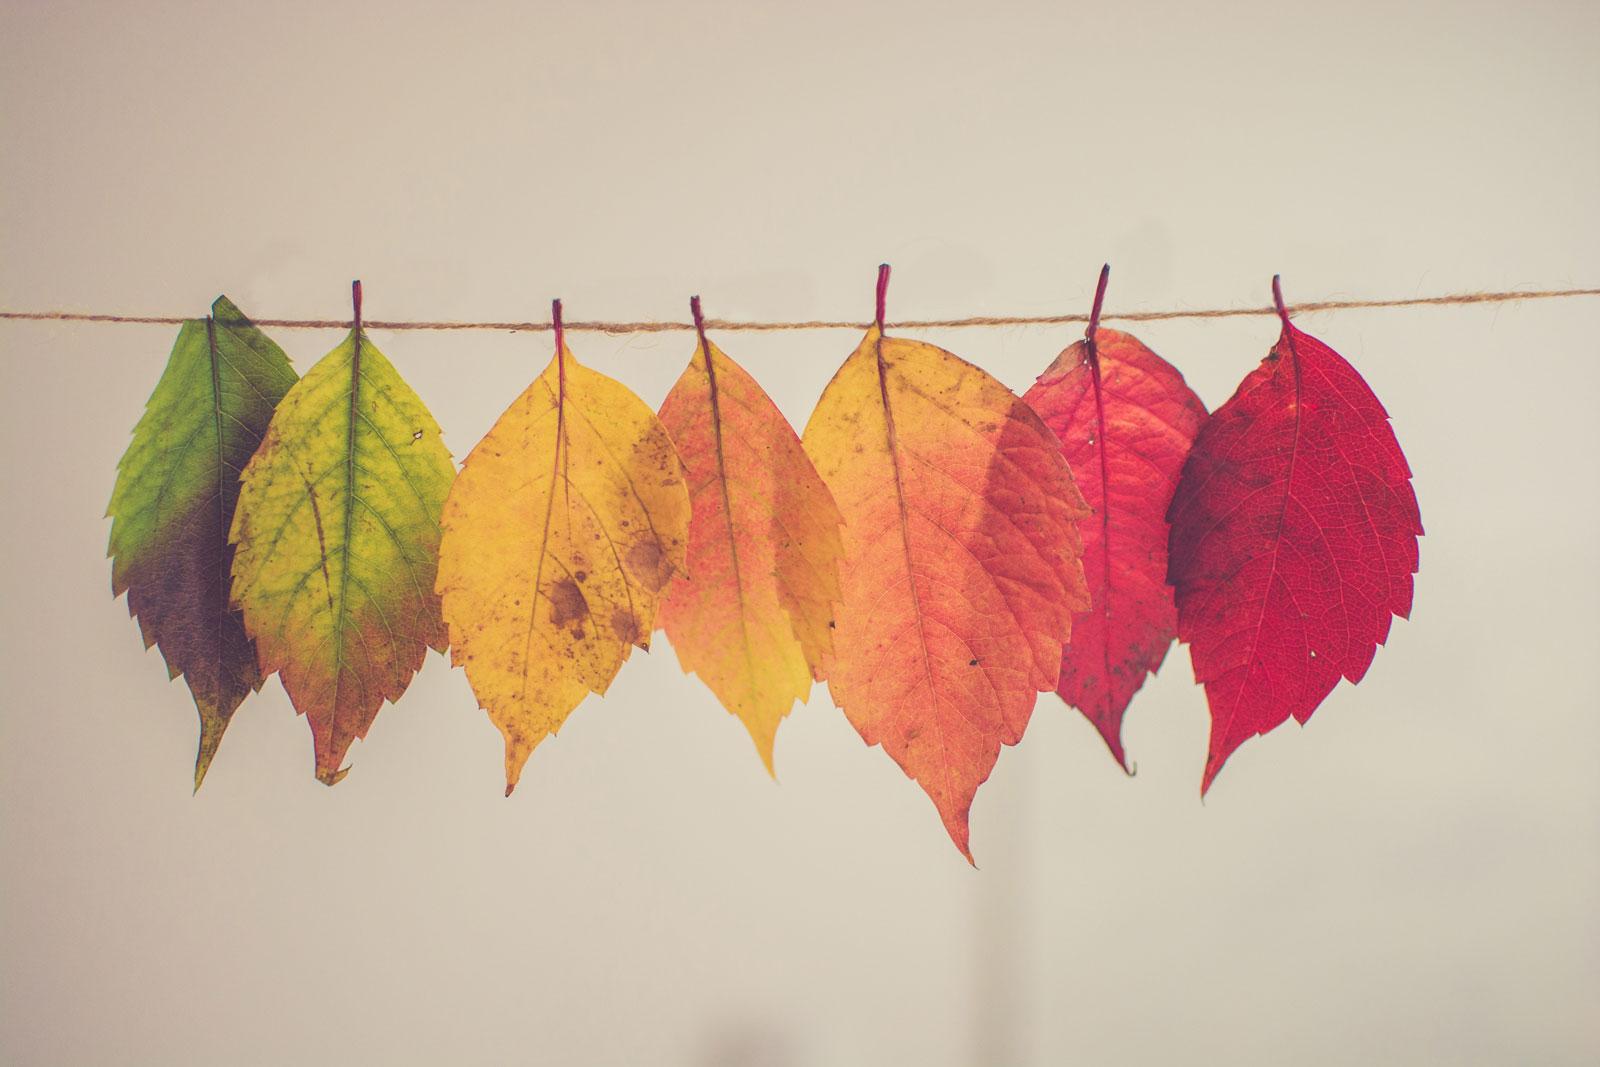 Hojas de colores (imagen enlazada a sí misma)